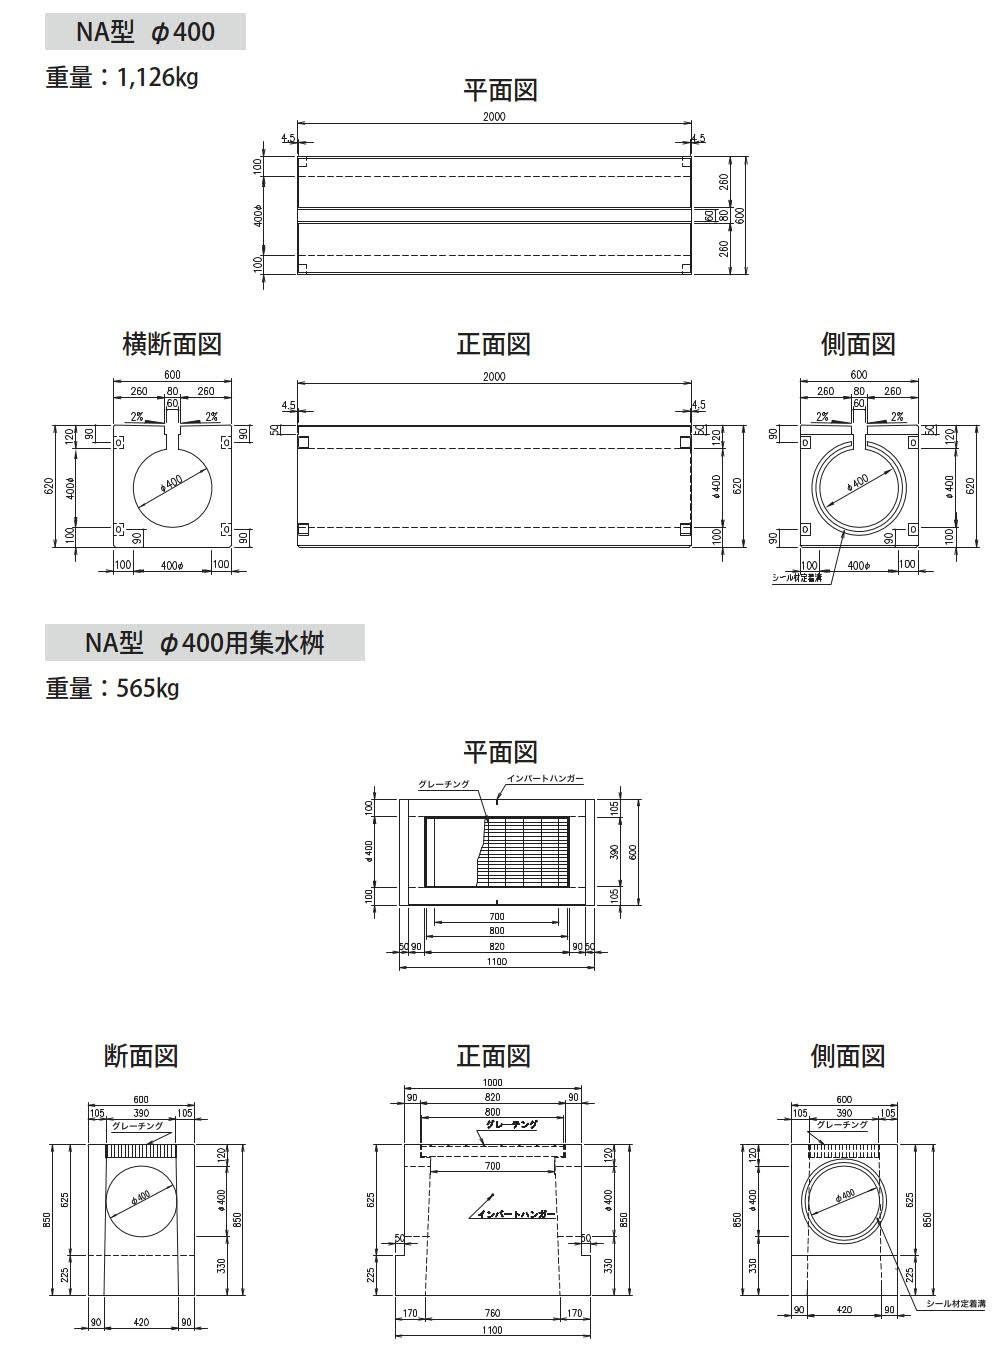 オリジナル側溝|円形水路 NA型 外形寸法 3